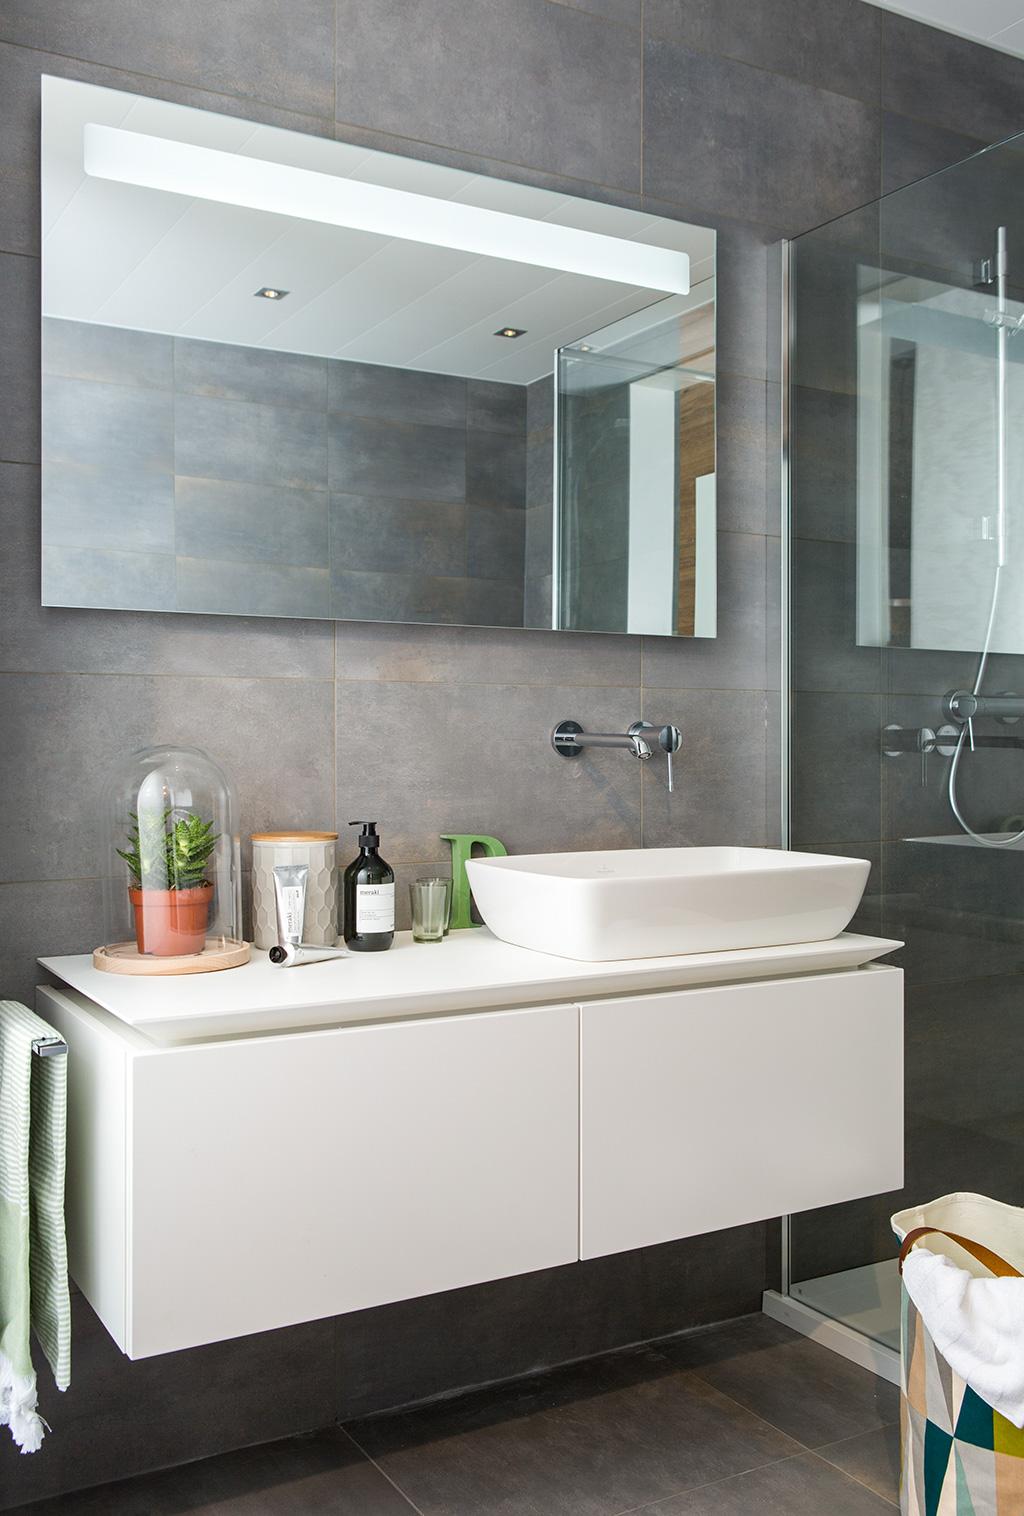 Spiksplinternieuw Complete badkamer | Warme kleurpalet | Scandinavische stijl WL-96